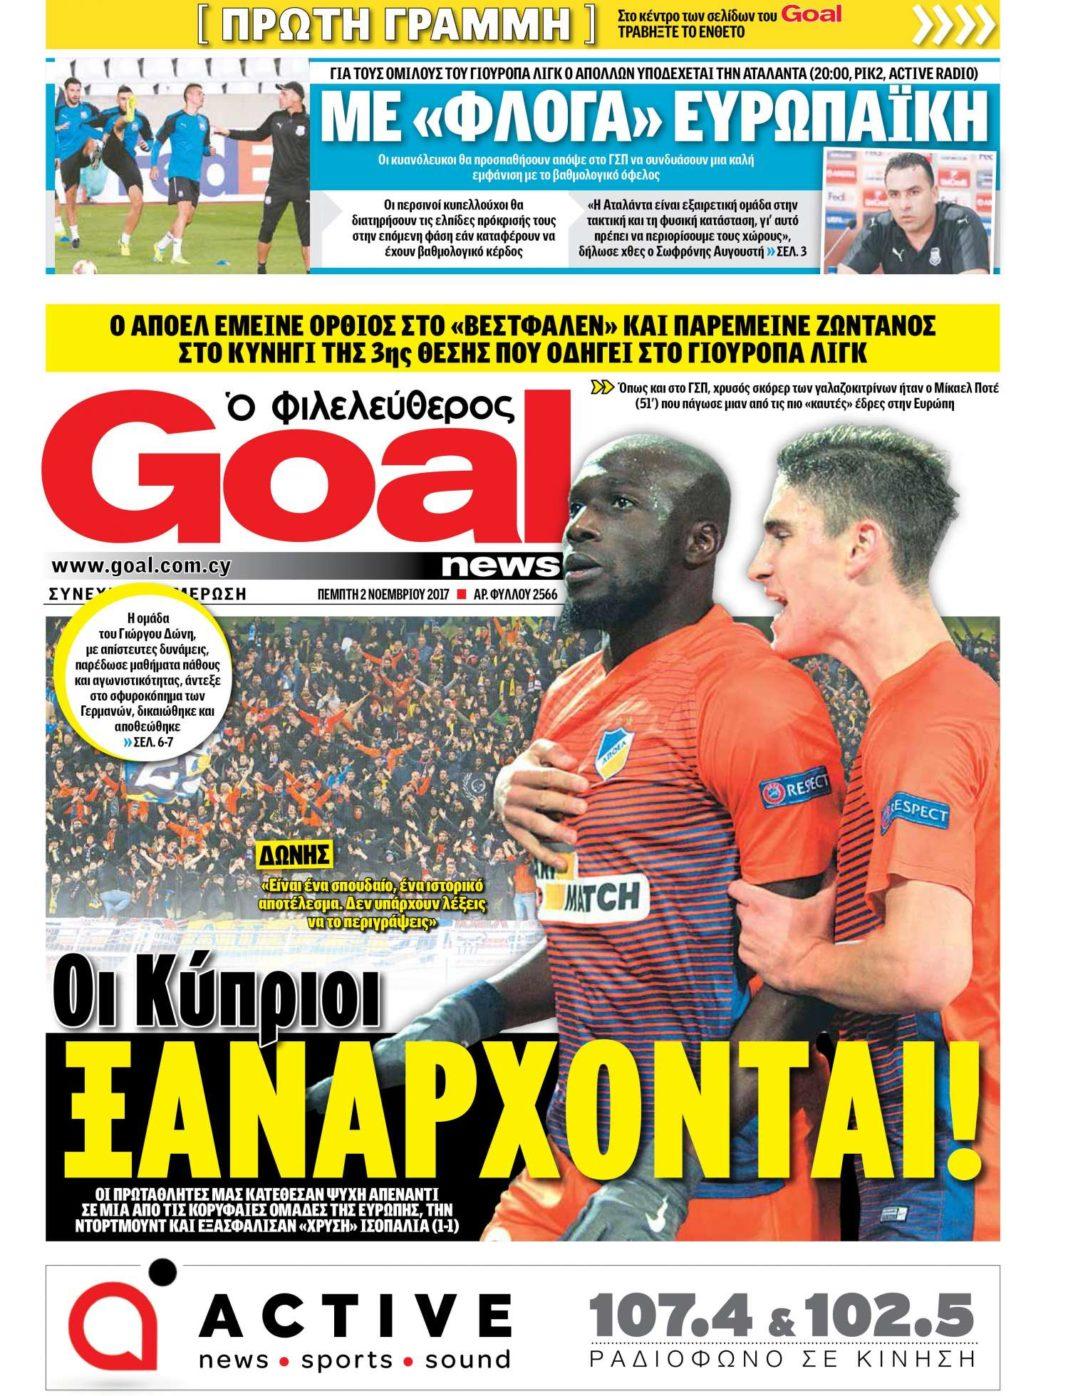 Οι Κύπριοι ΞΑΝΑΡΧΟΝΤΑΙ!